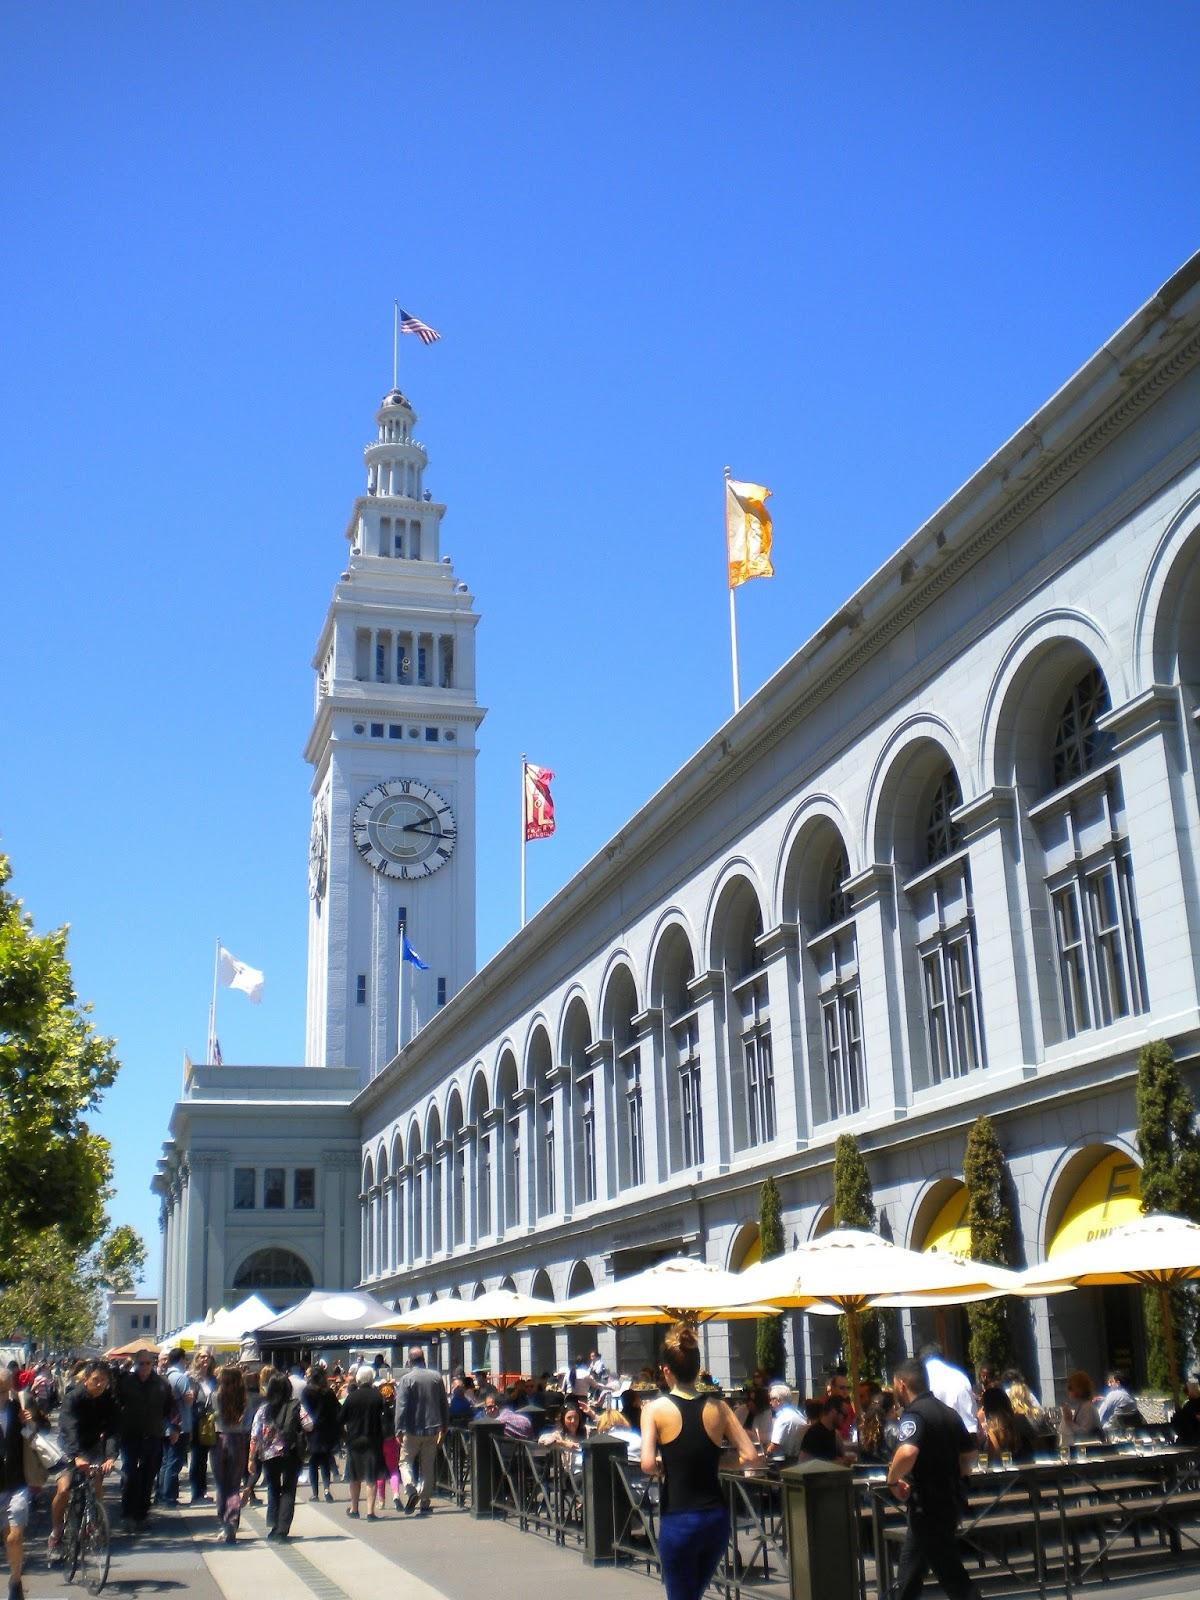 Ferry Building San Francisco Kalifornia matkailu matkakohde matkajuttu mallaspulla